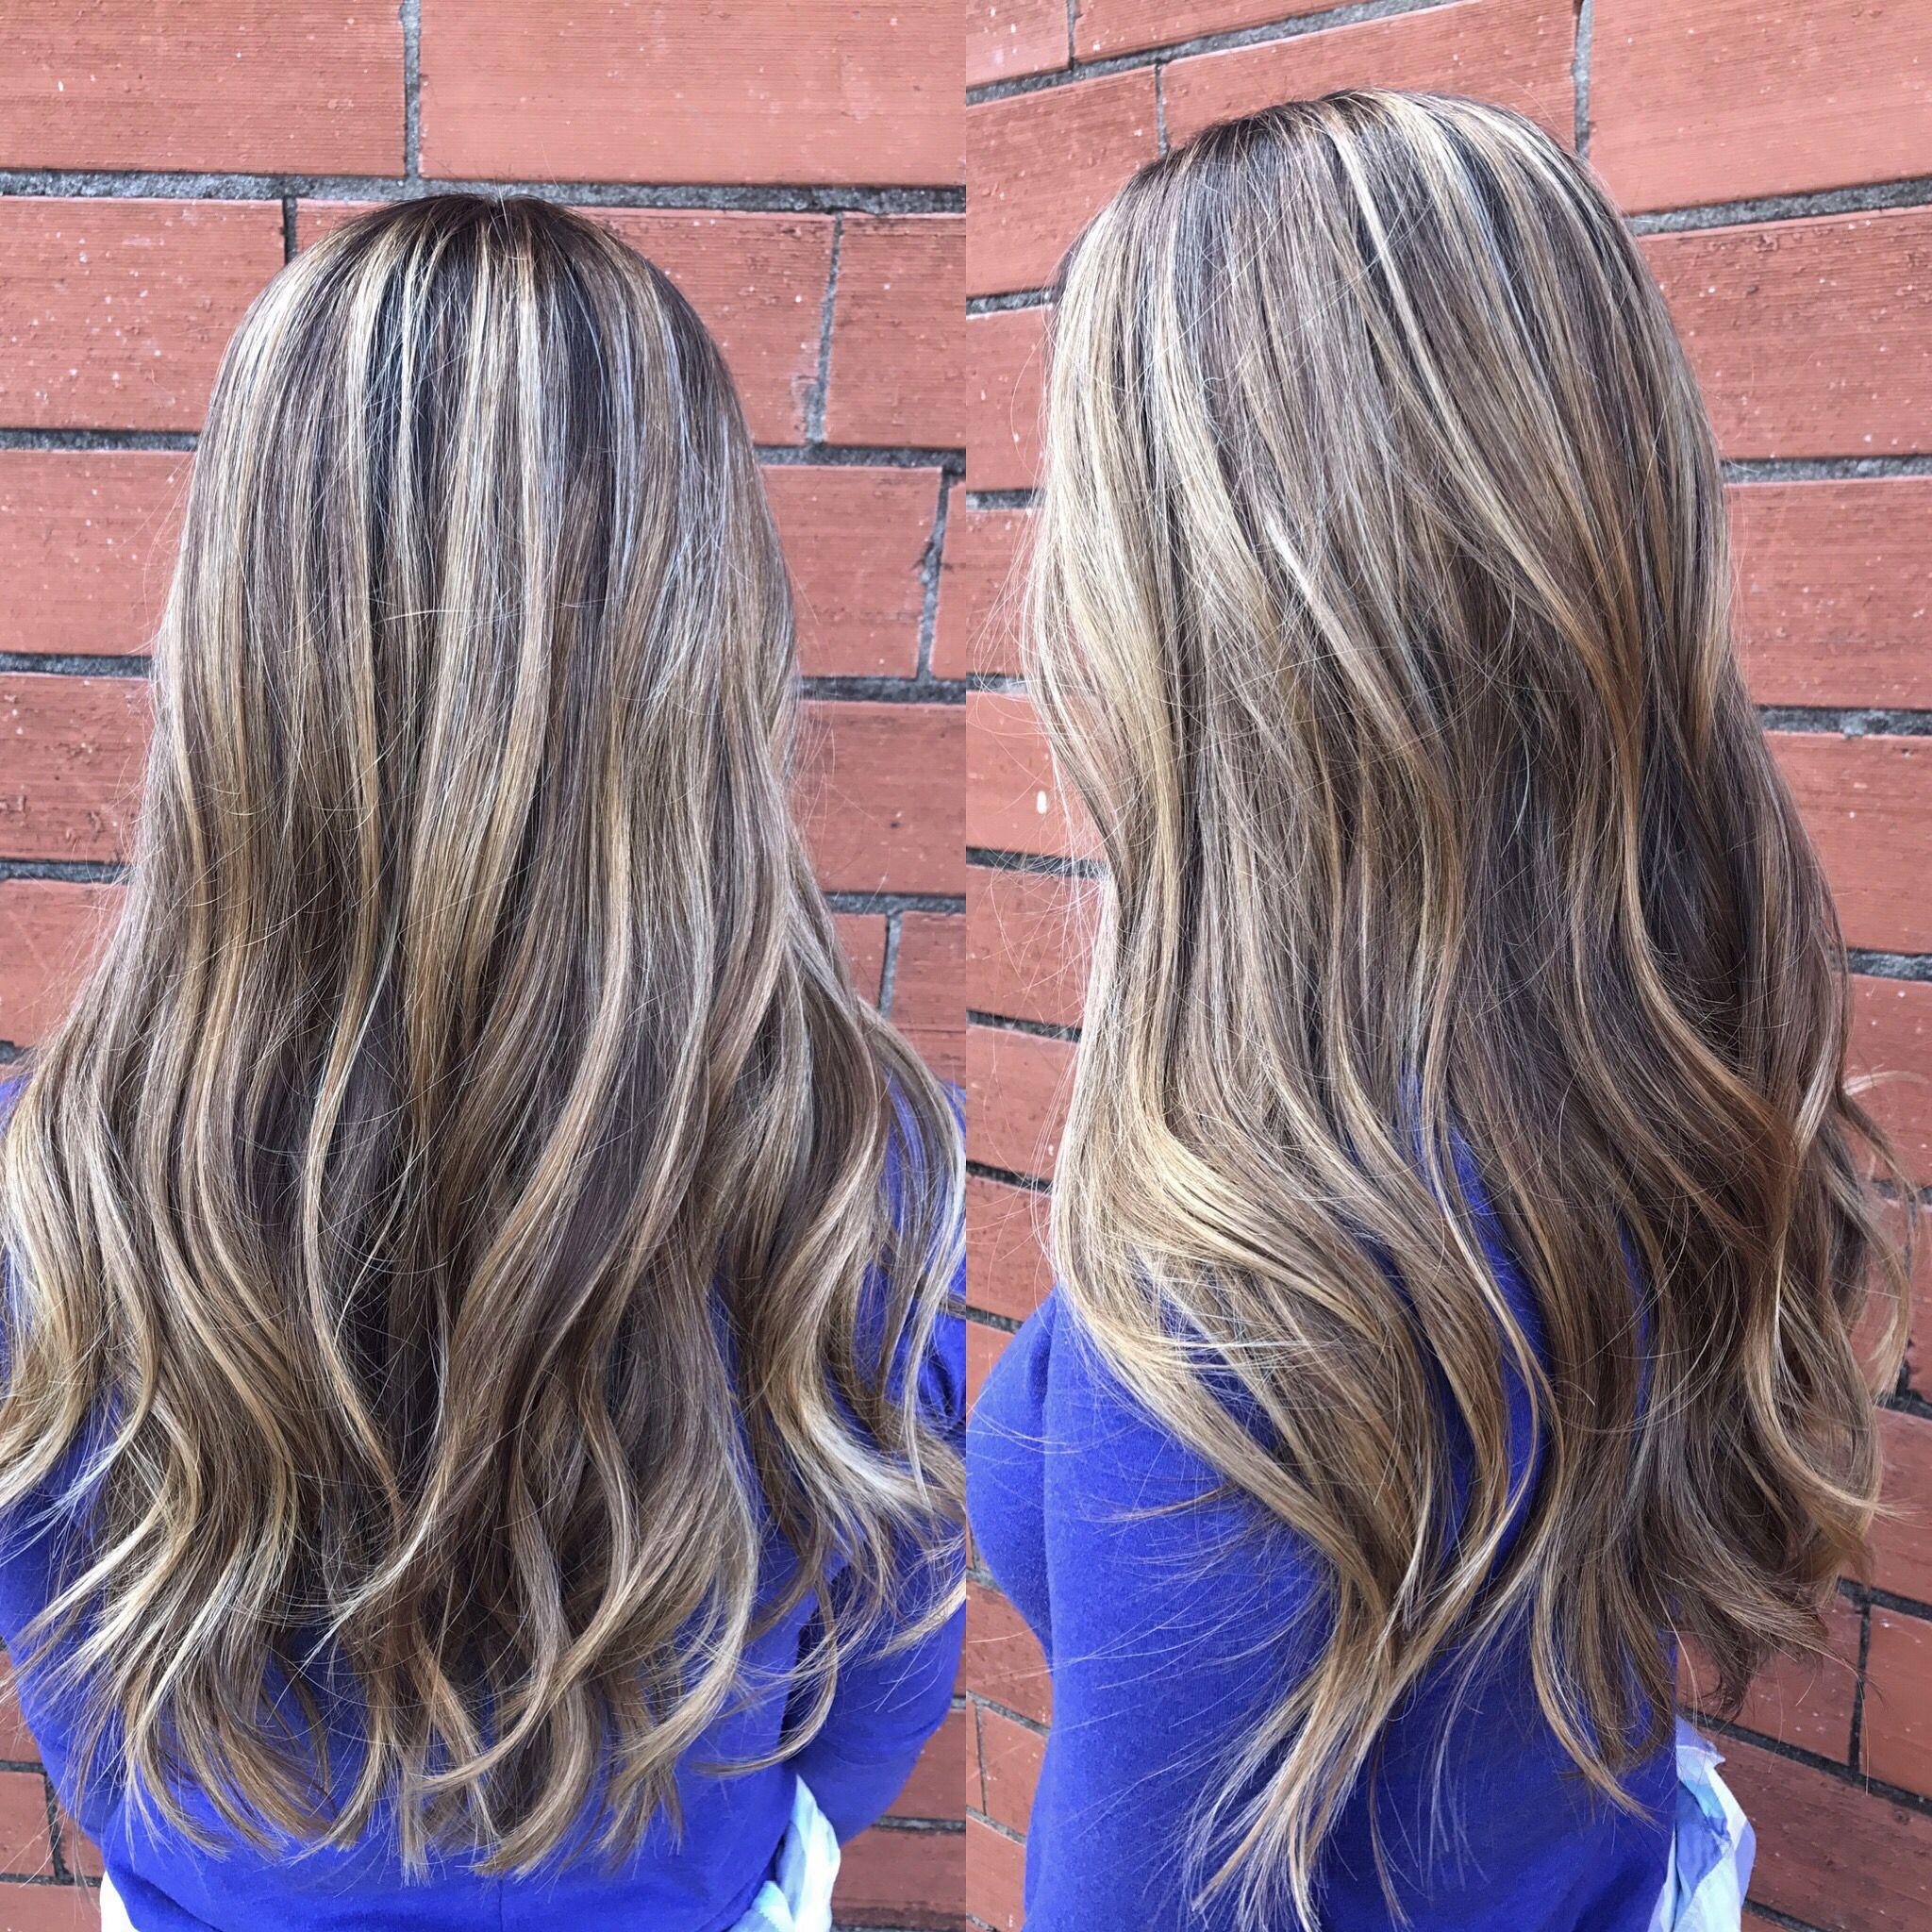 Pin On Hair By Britt